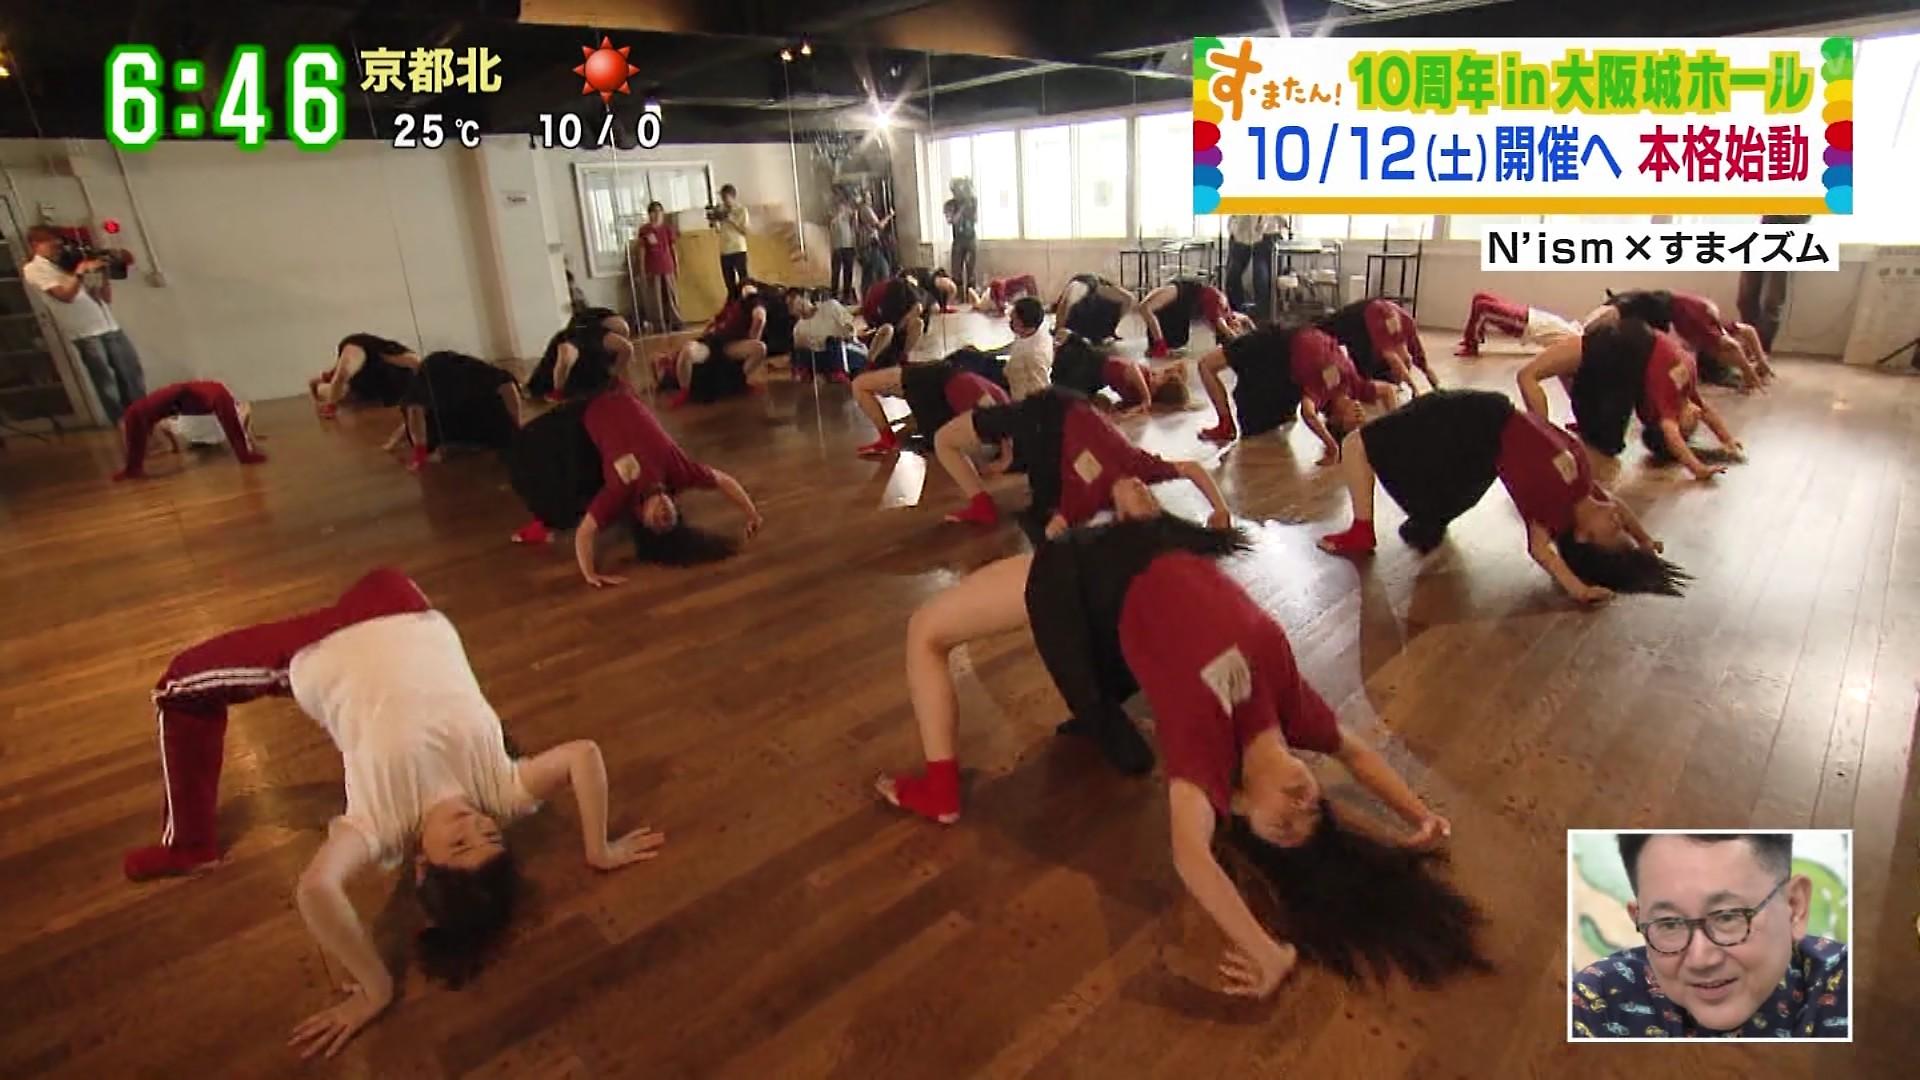 2019年9月18日に放送された「朝生ワイドす・またん!」に出演した諸國沙代子さんと中村秀香さんのテレビキャプチャー画像-204